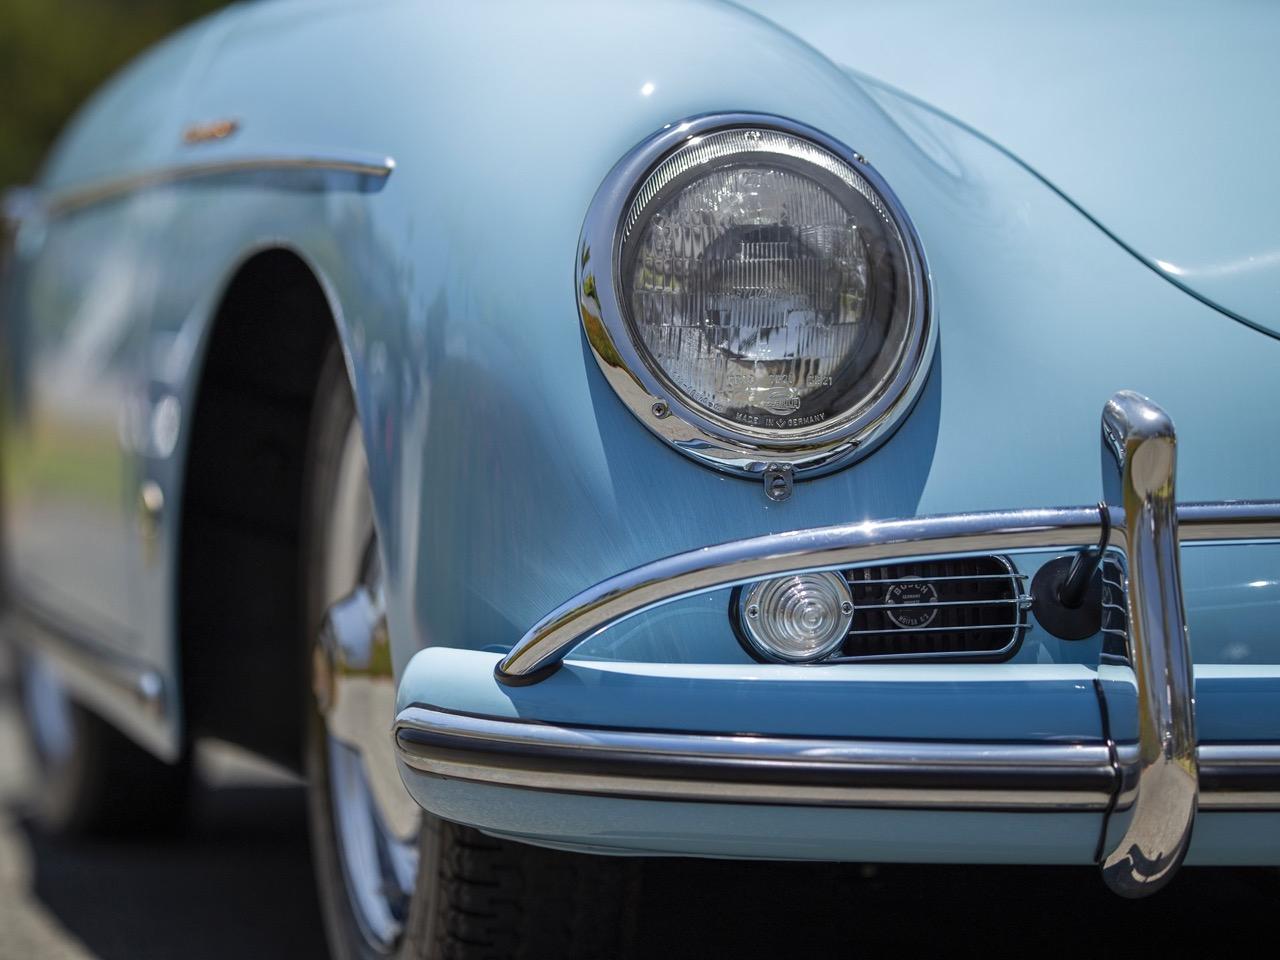 '58 Porsche 356 A 1600 Speedster : Episode 1 ! 28